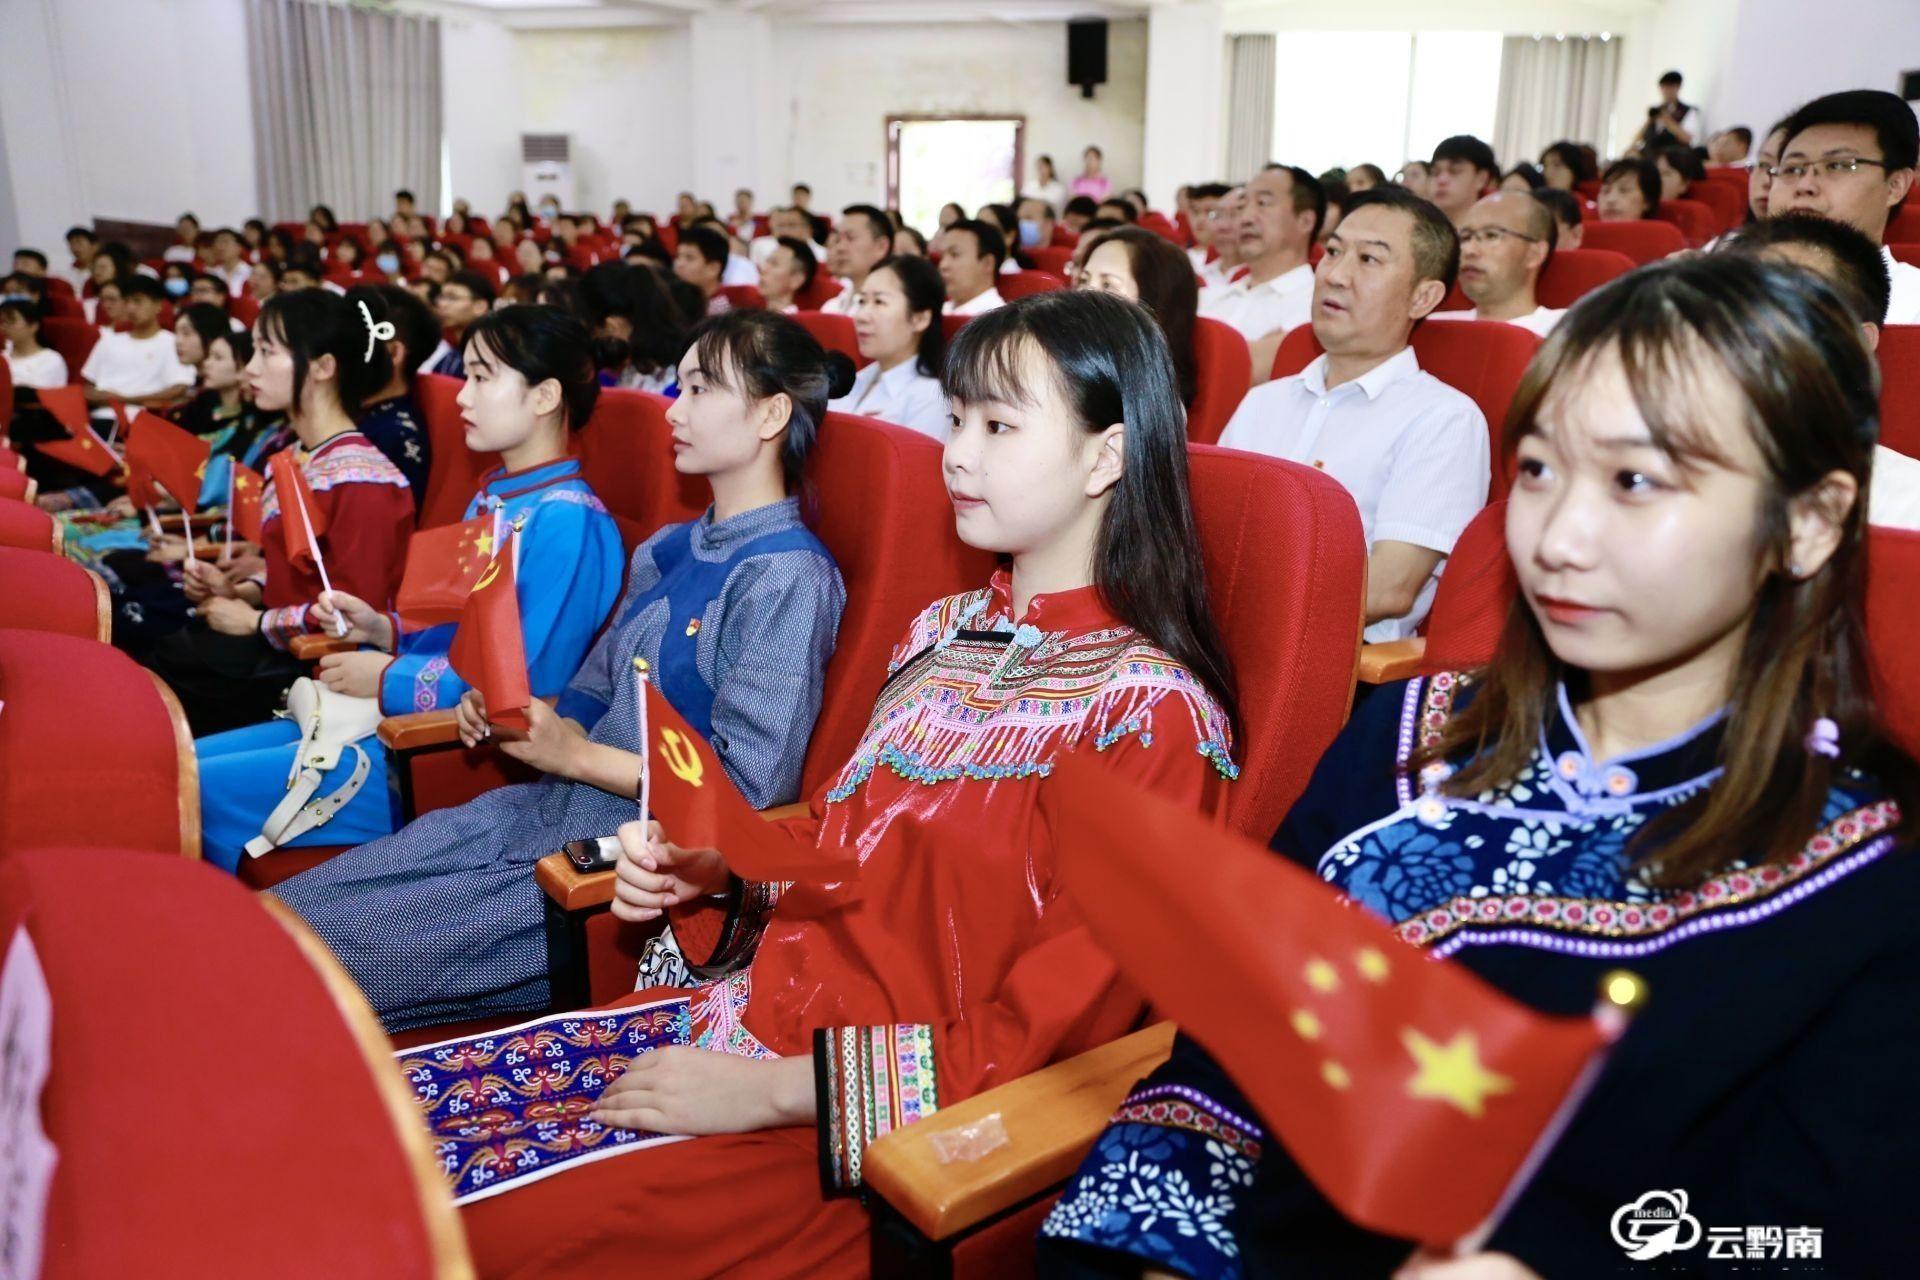 习近平总书记在庆祝中国共产党成立100周年大会上的重要讲话在我州持续引发强烈反响